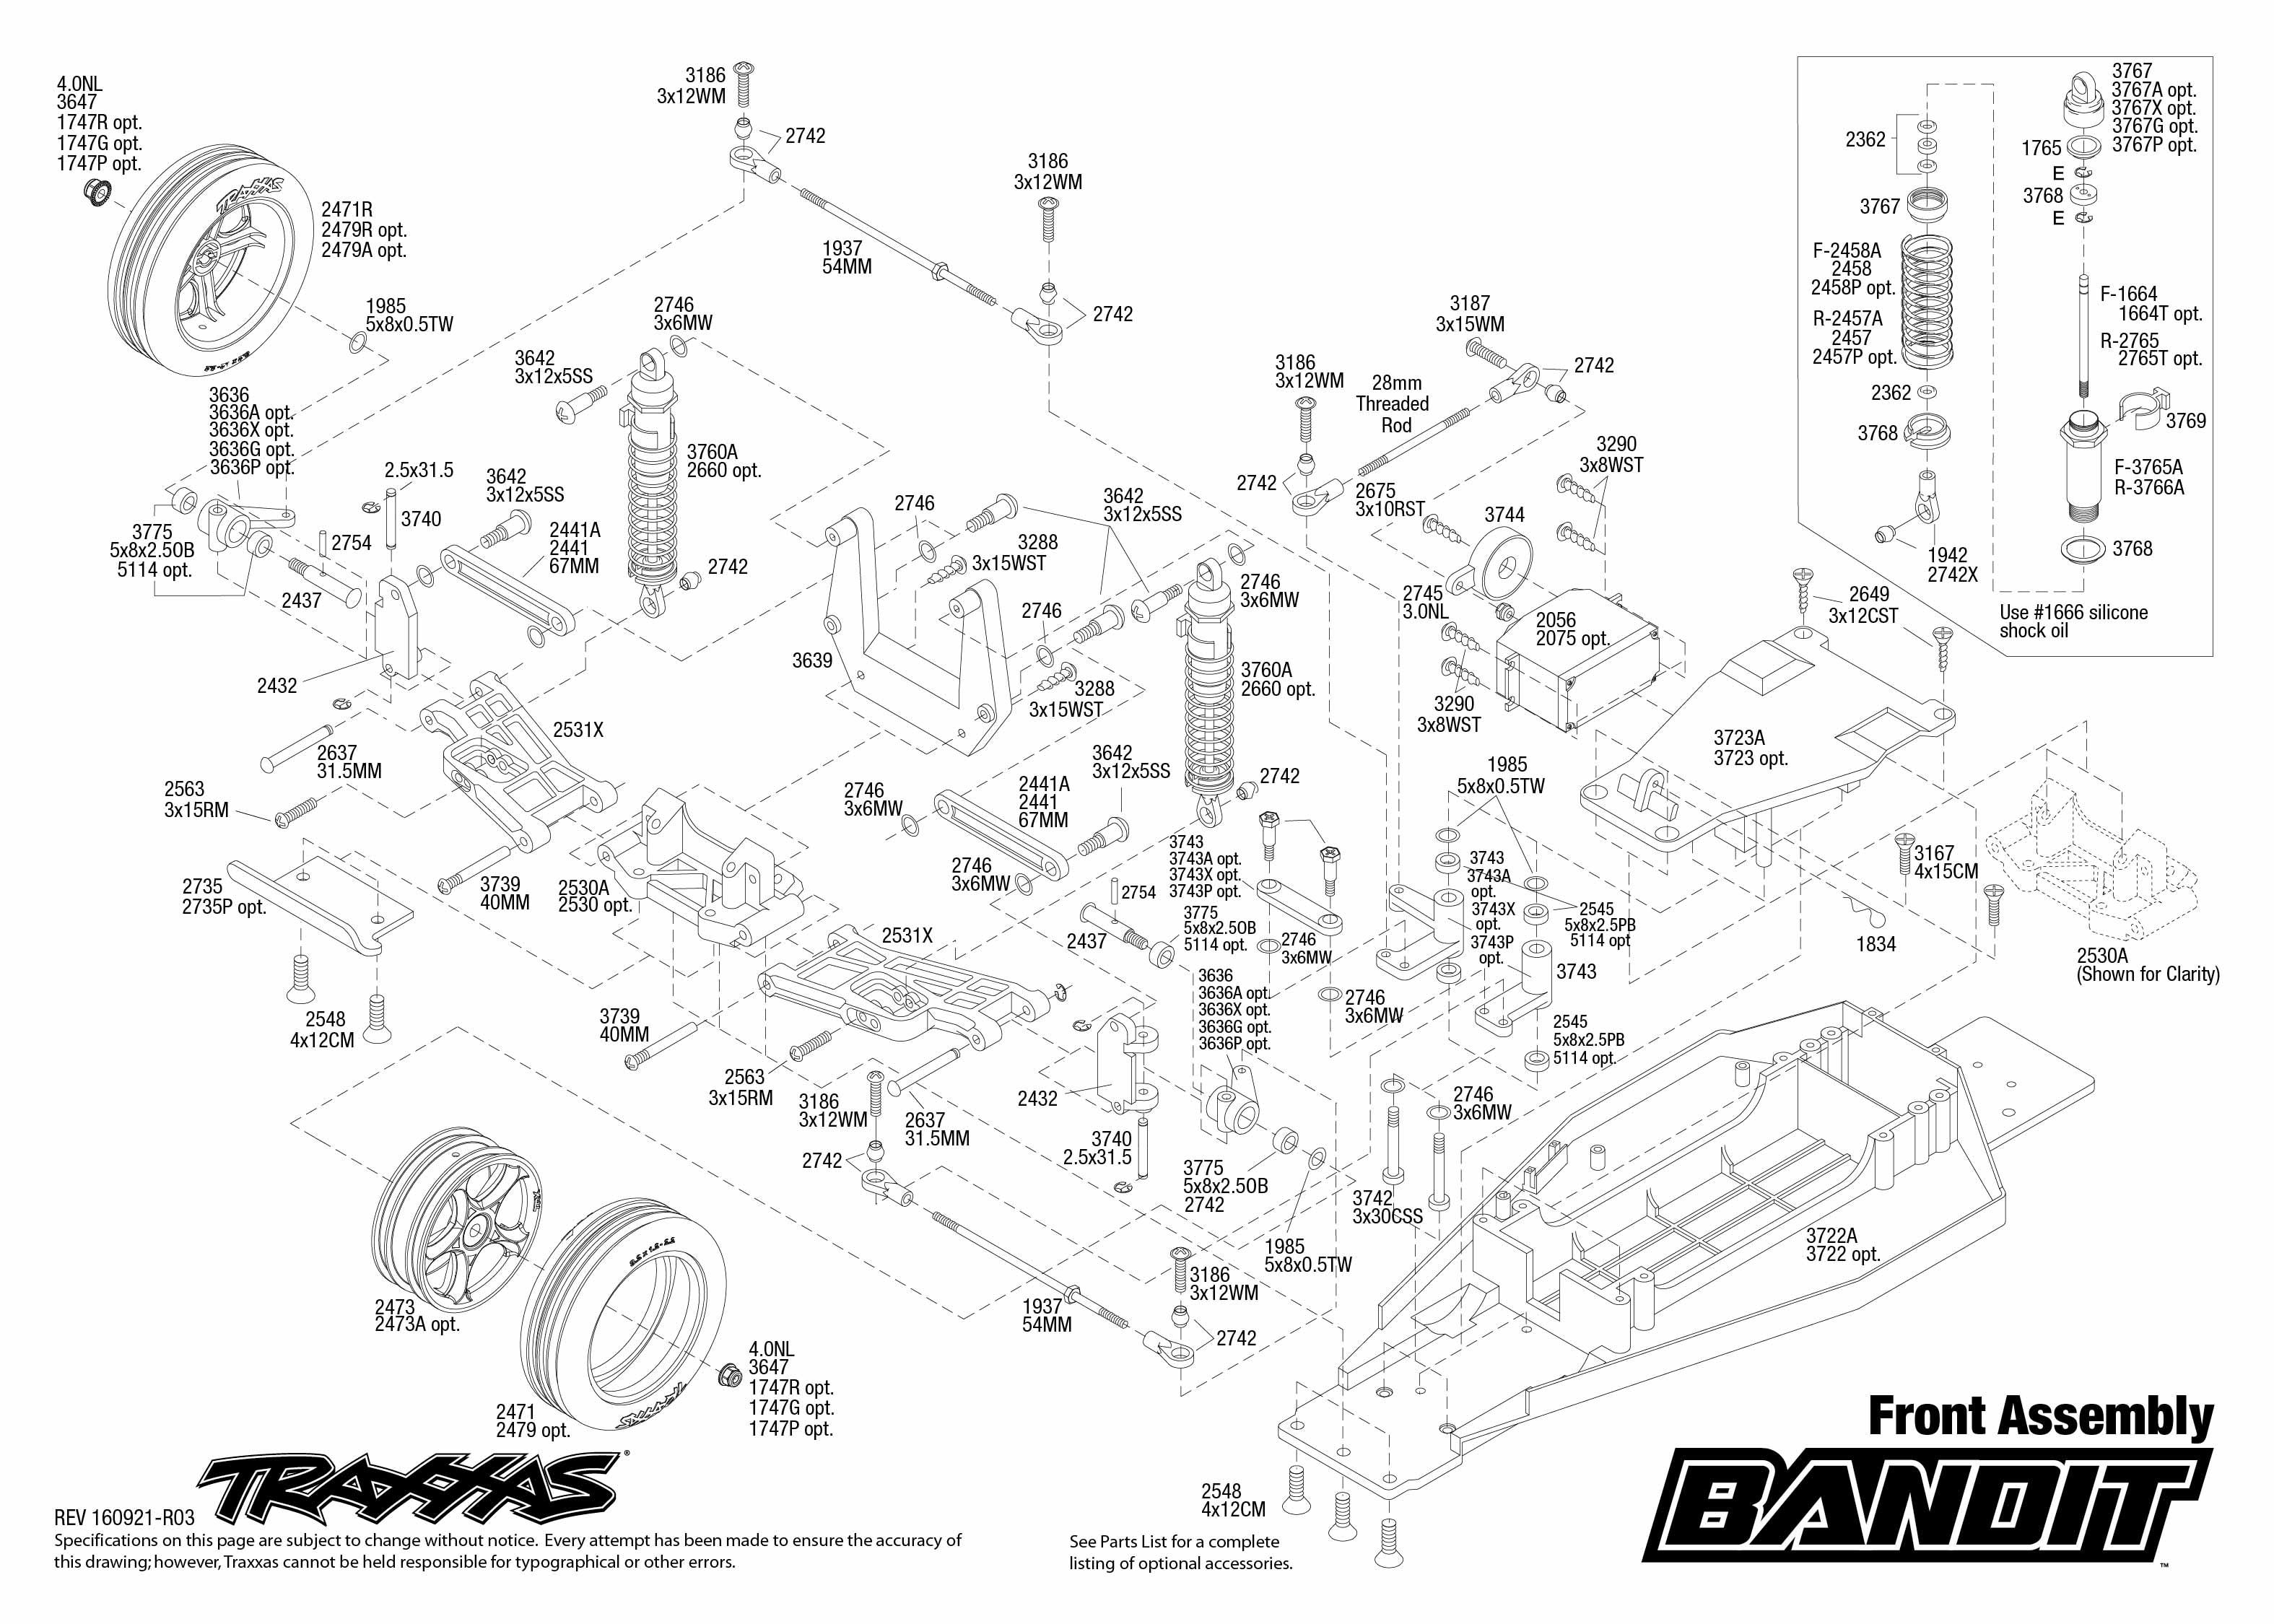 2002 Buick Rendezvous Sunroof Drain Diagram